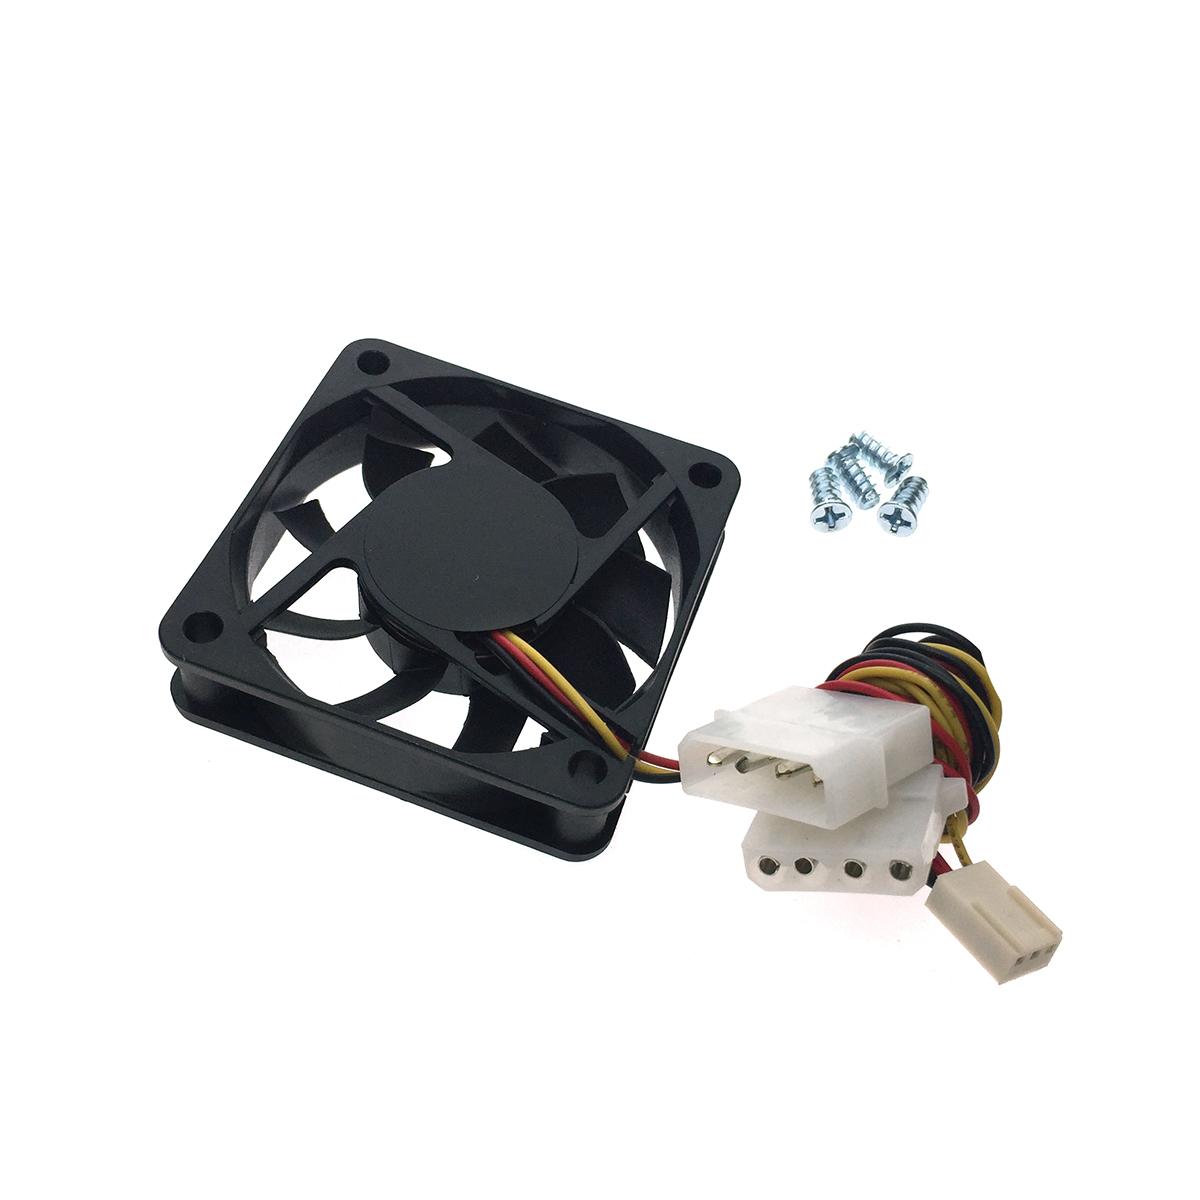 Вентилятор охлаждения 6015B, 60mm DC Fan, 3pin + 4pin